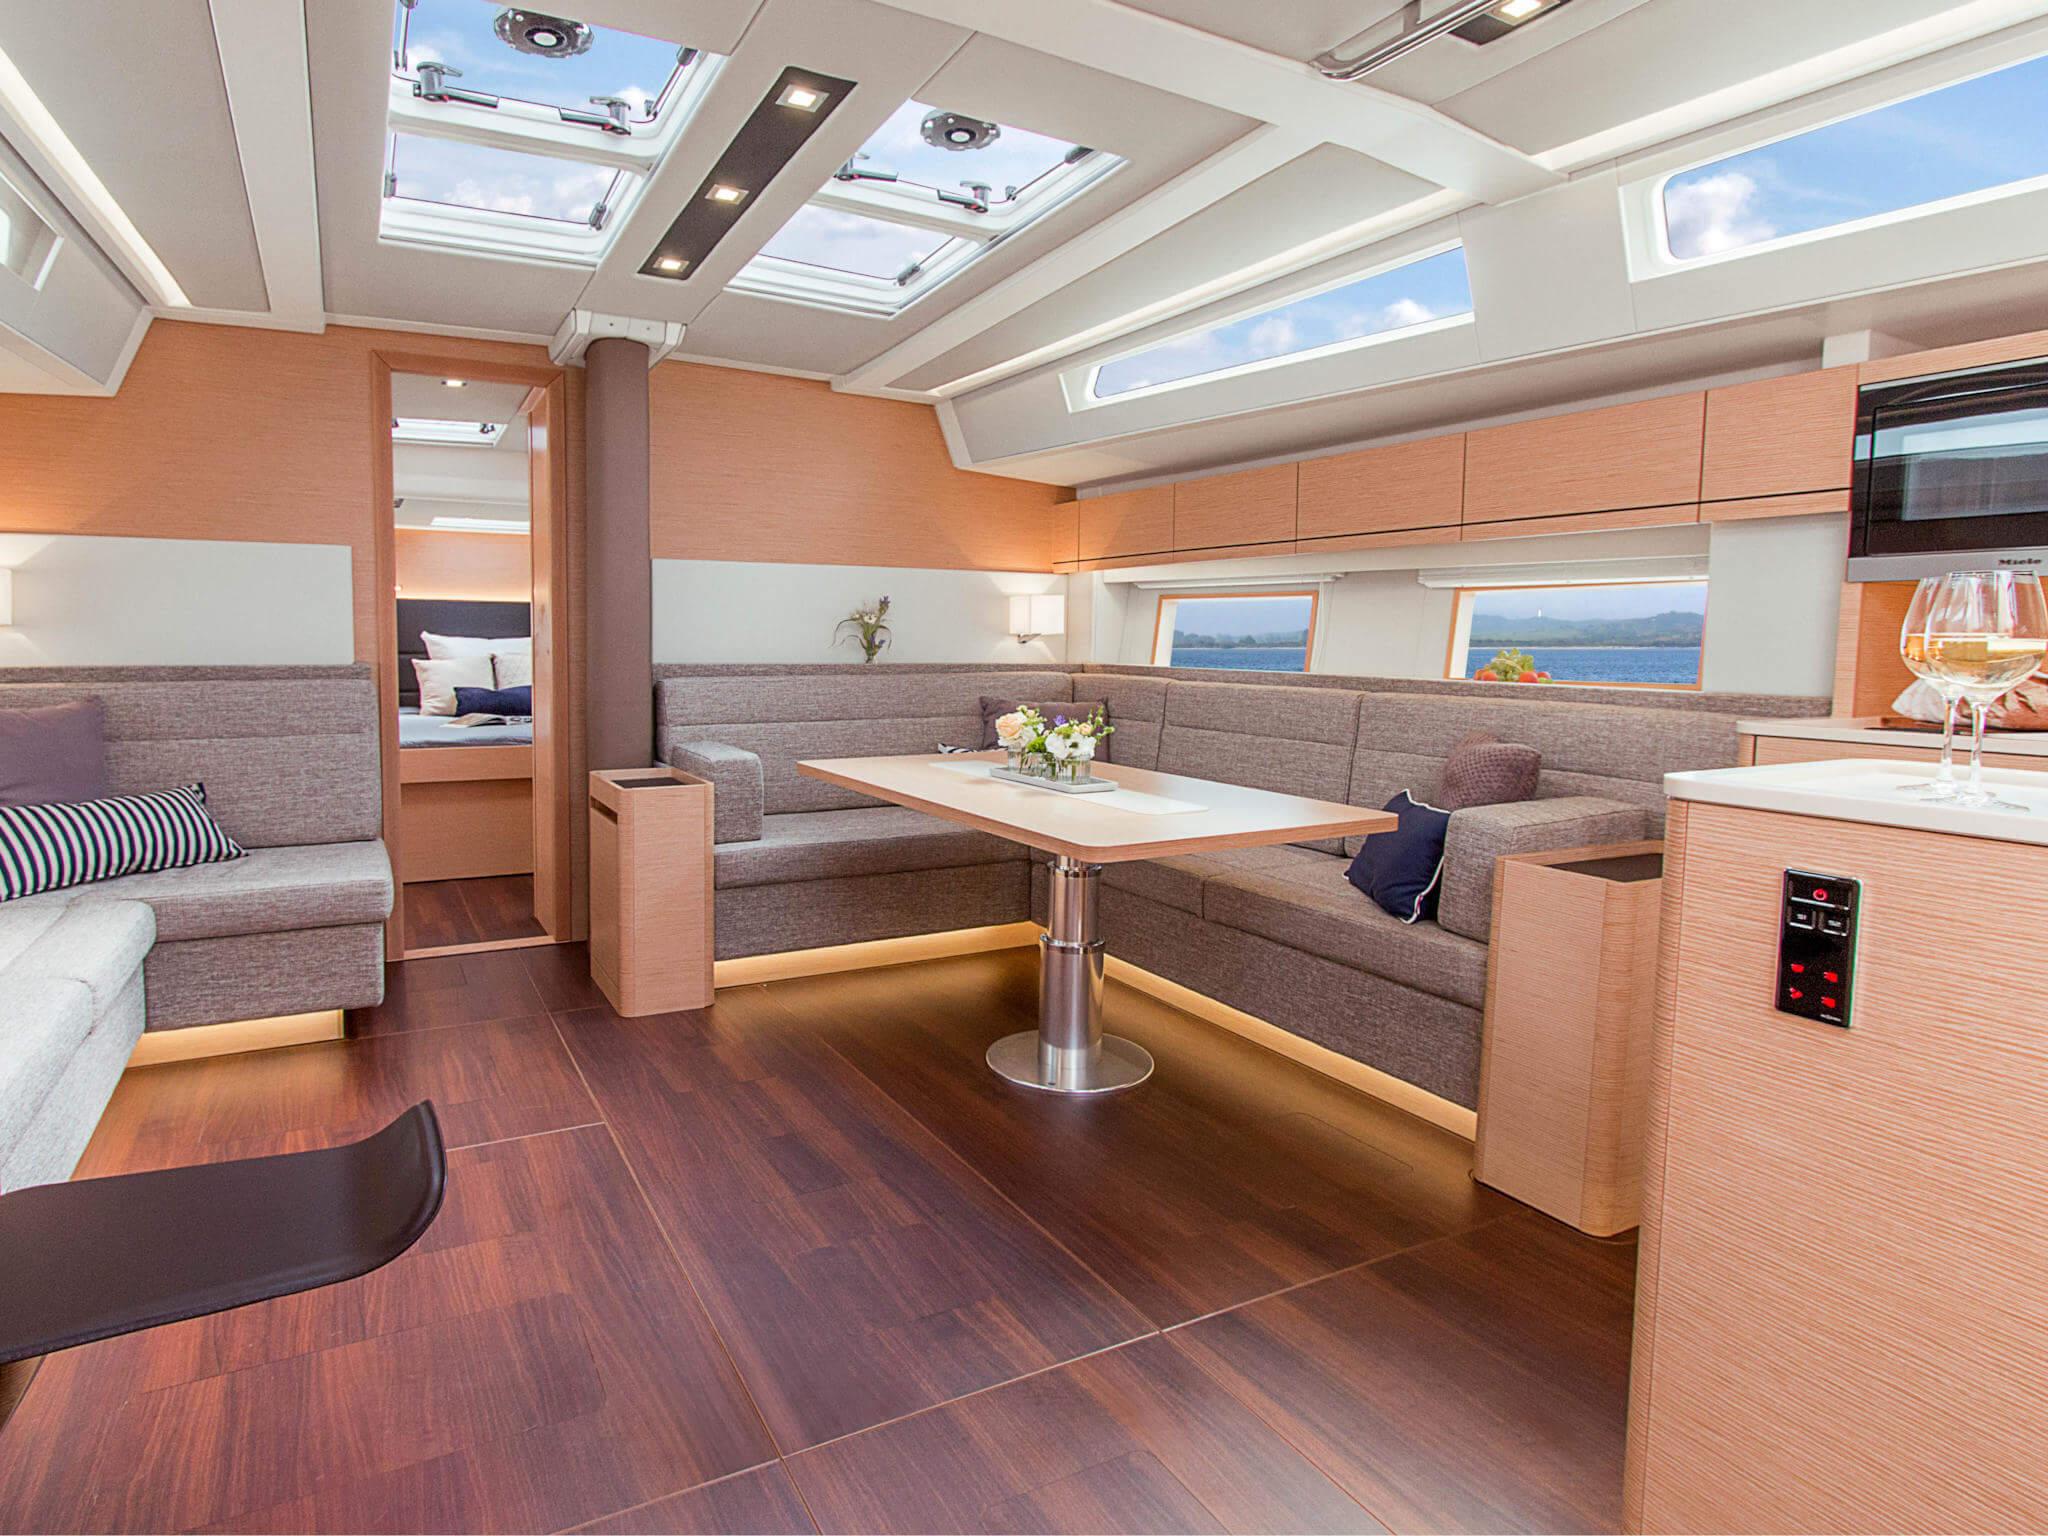 Yachten von innen  Hanse 548 innen (11) - West Yachting